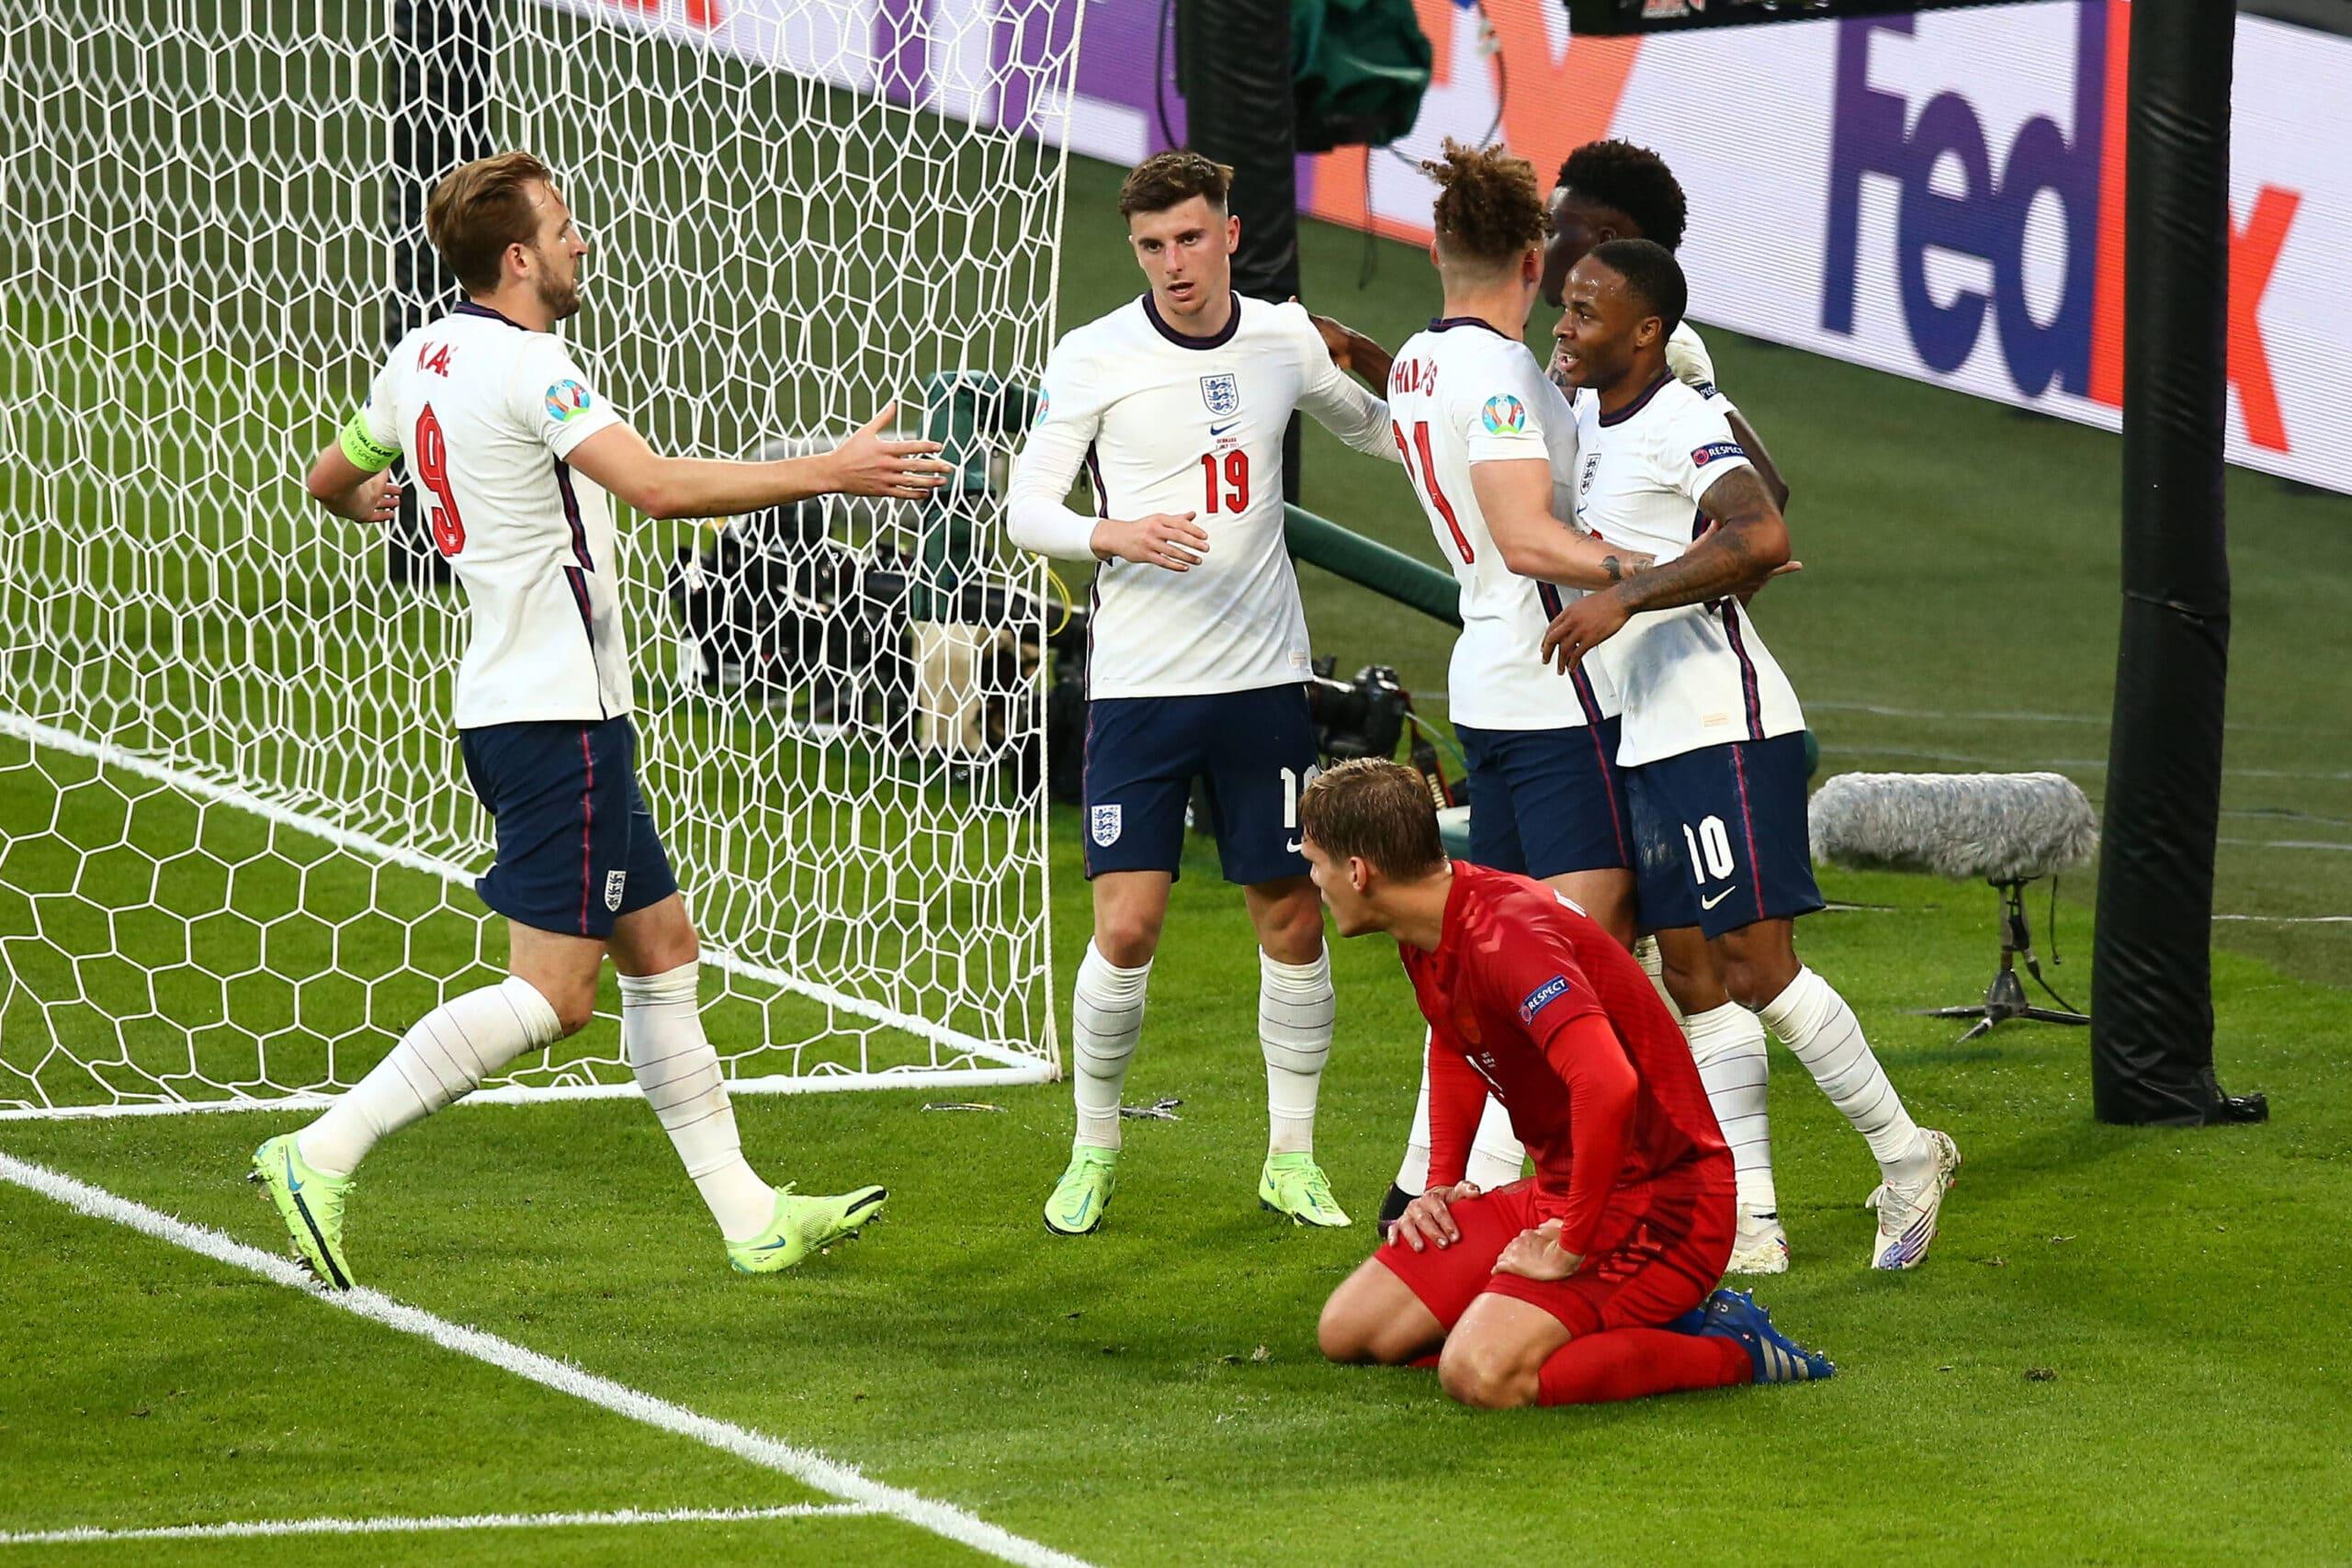 Angleterre 🏴 2-1 🇩🇰 Danemark : les Tops et les Flops !